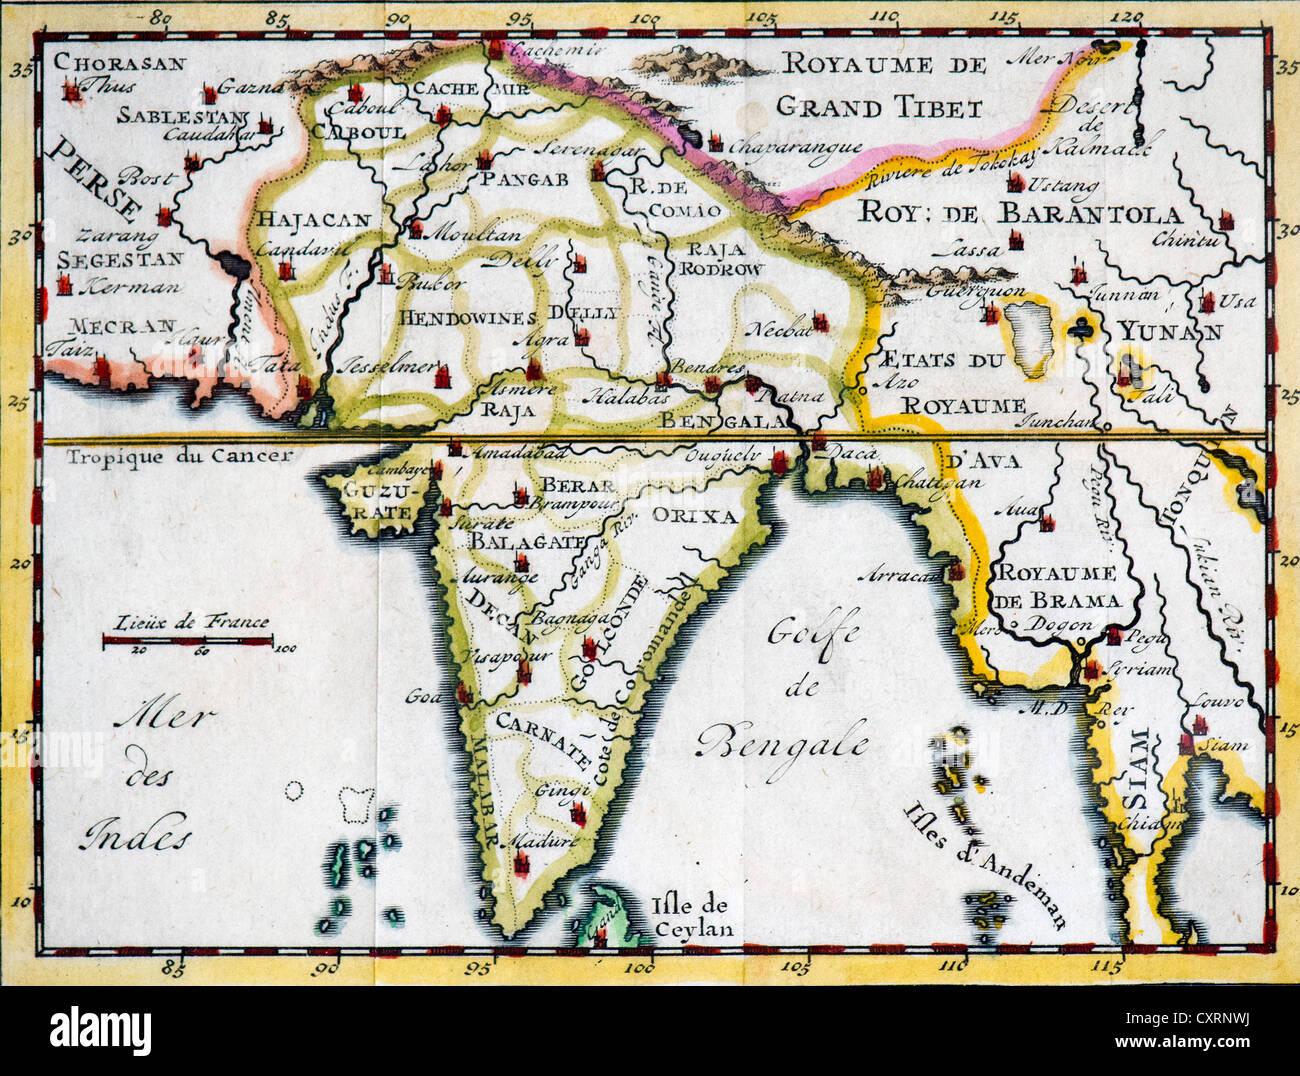 Carte Du Sud Est De Linde.Contexte Historique A La Main La Carte La Gravure L Inde Et En